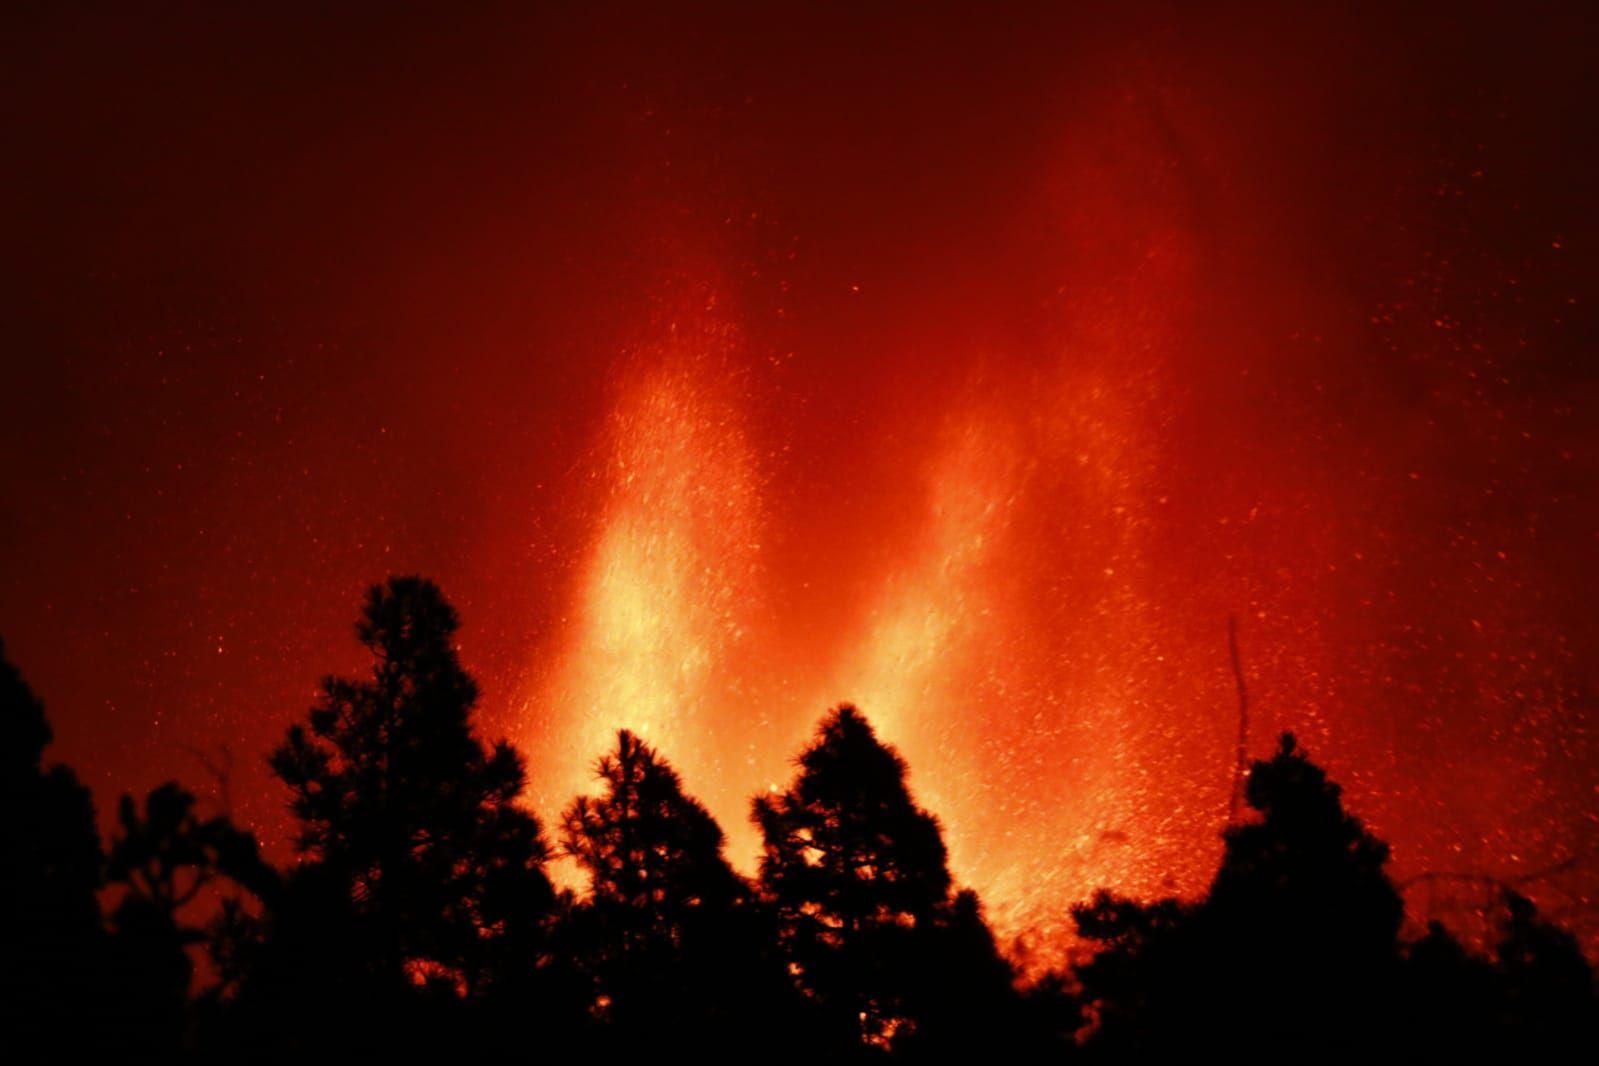 Erupción volcánica: la lava de noche